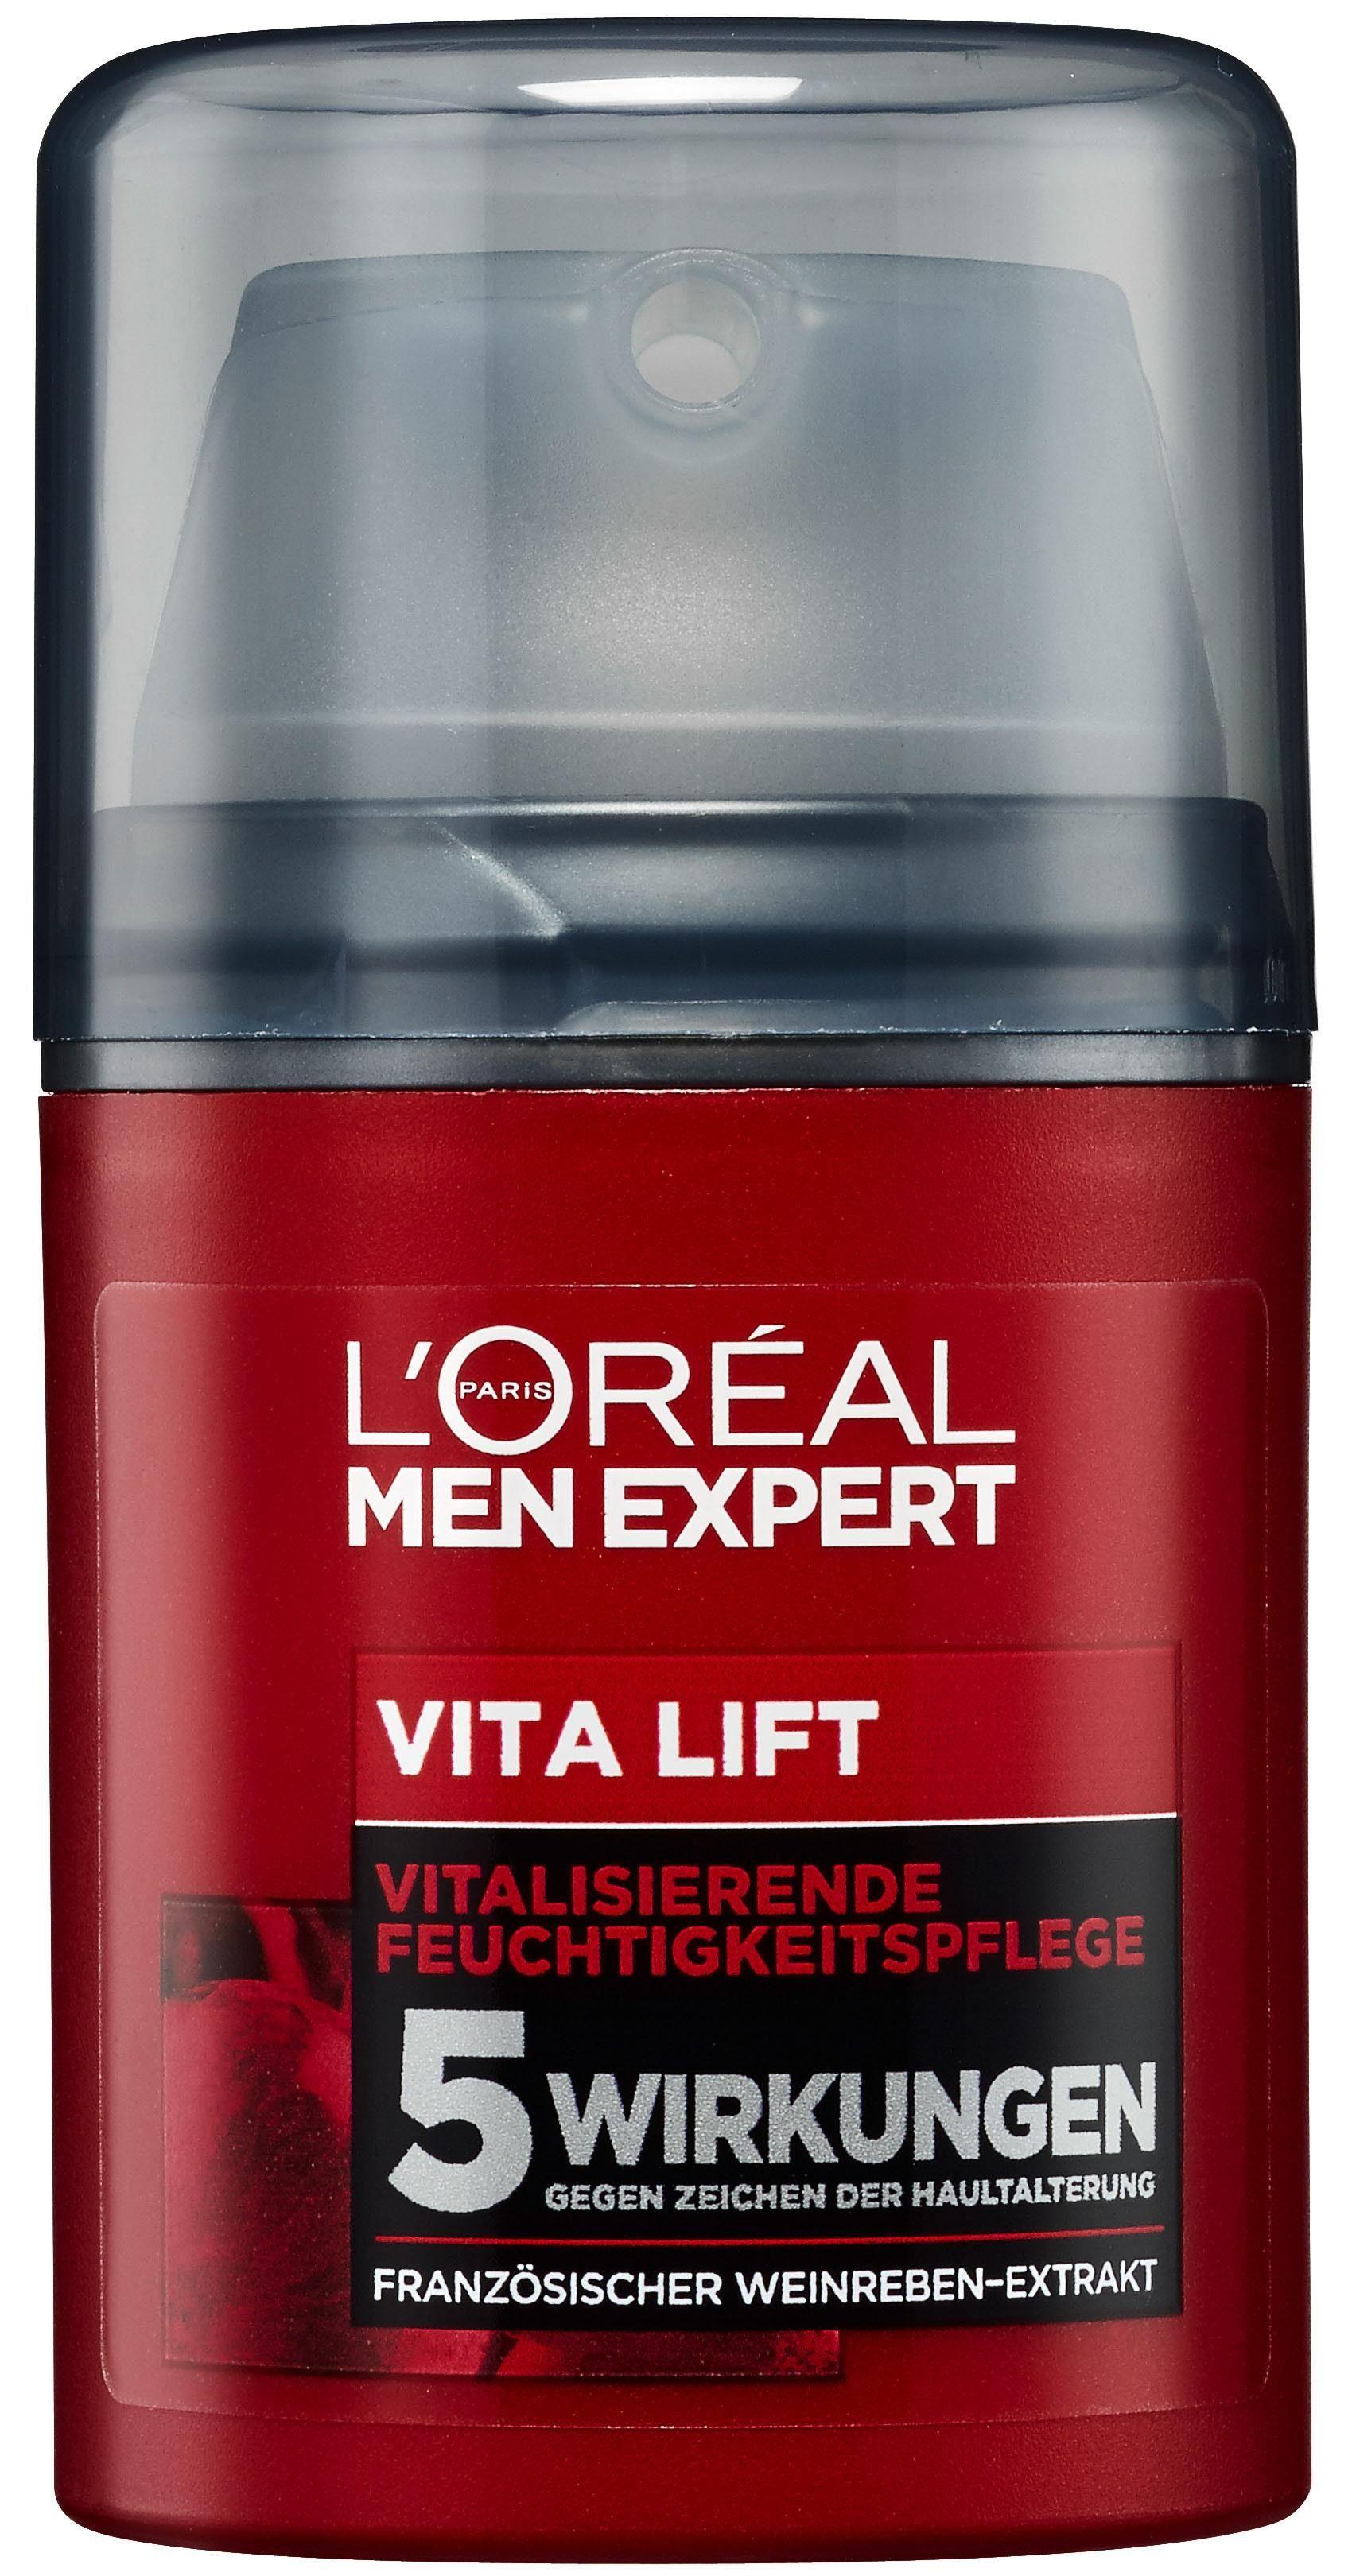 L'Oréal Paris, »Vita Lift 5 Feuchtigkeitspflege«, Männerpflege